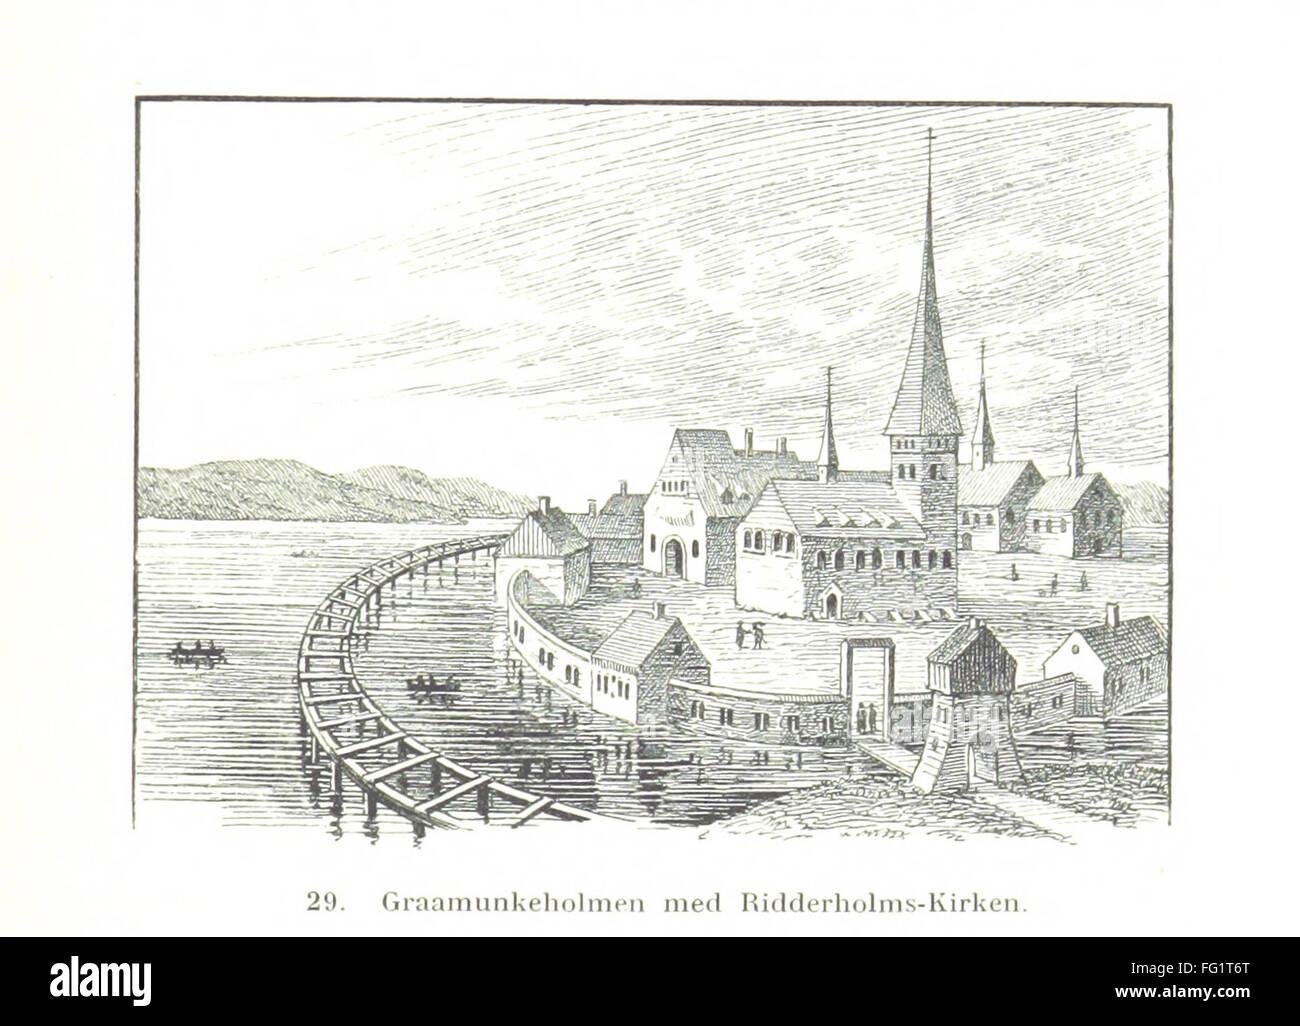 07 of 'Danmarks Riges Historie af J. Steenstrup, Kr. Erslev, A. Heise, V. Mollerup, J. A. Fridericia, E. Holm, - Stock Image